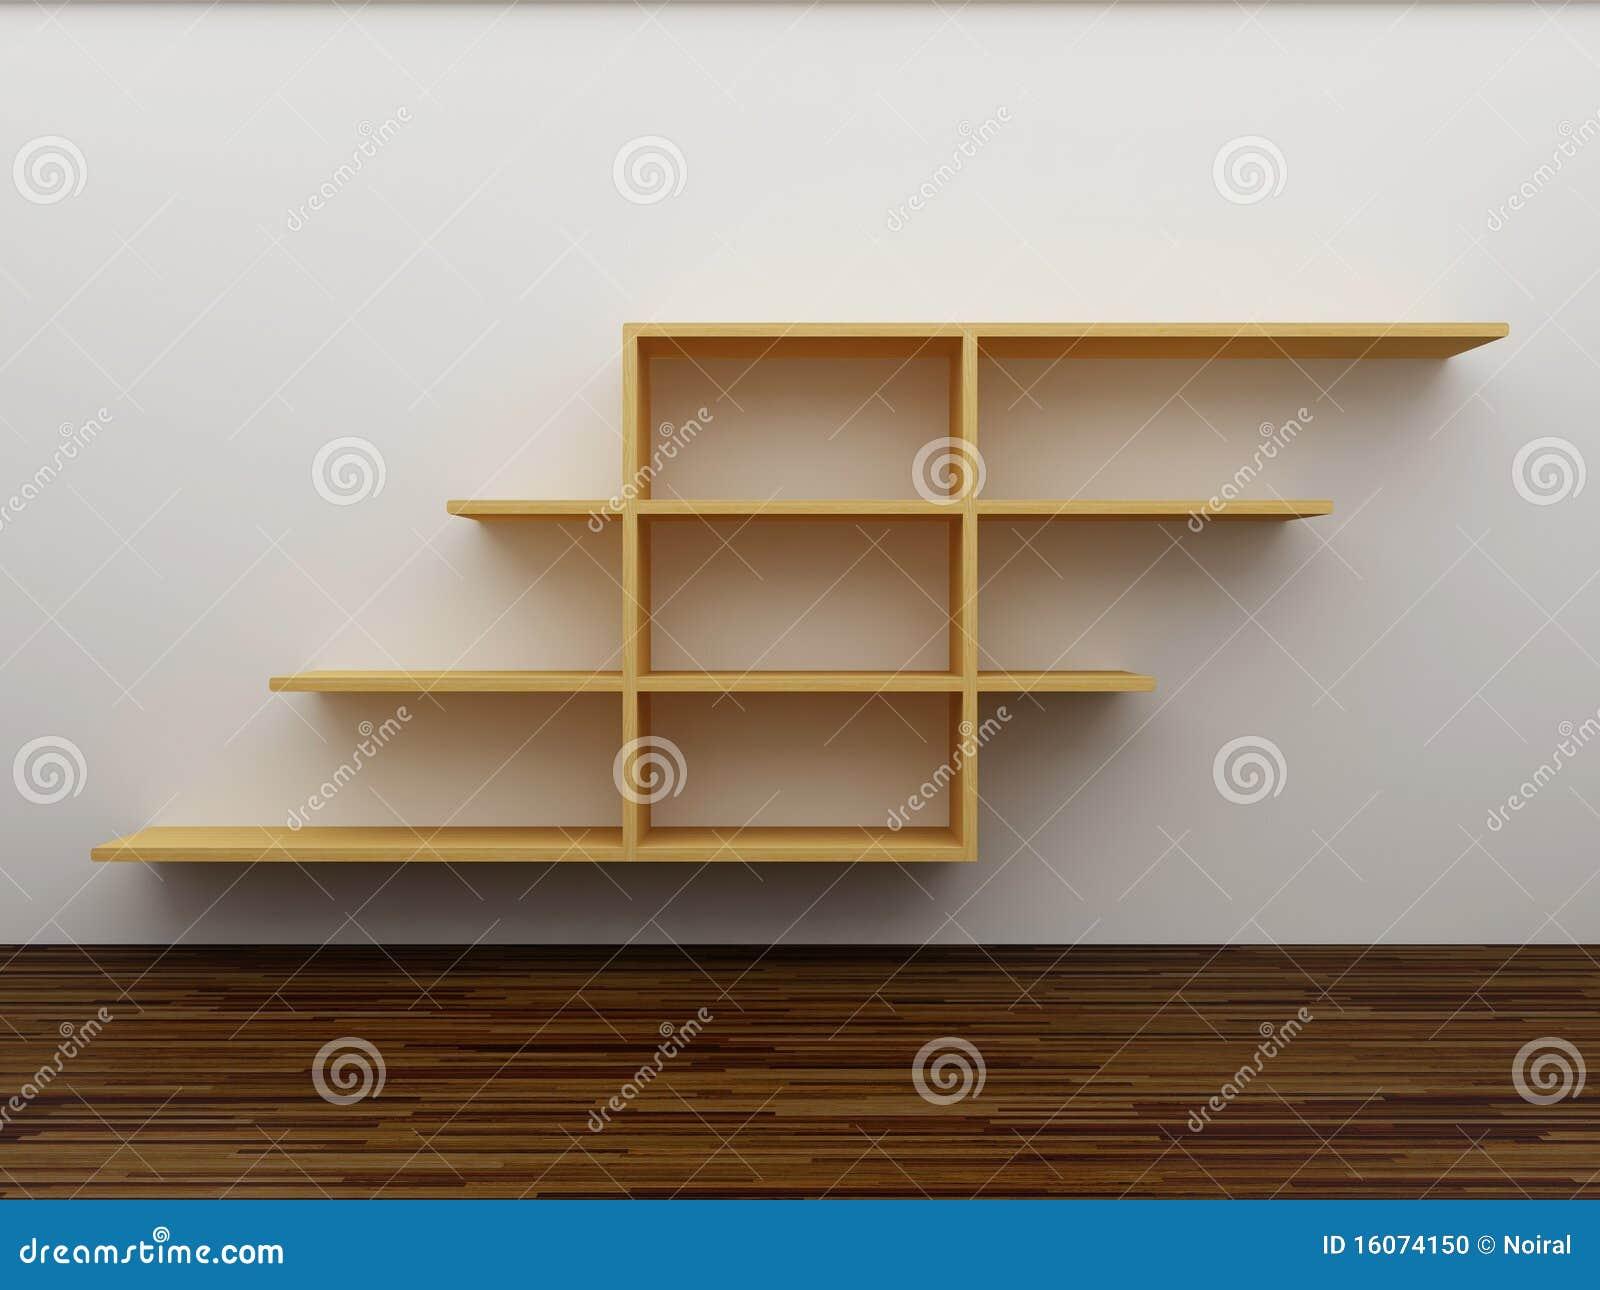 Делаем деревянные стеллажи своими руками